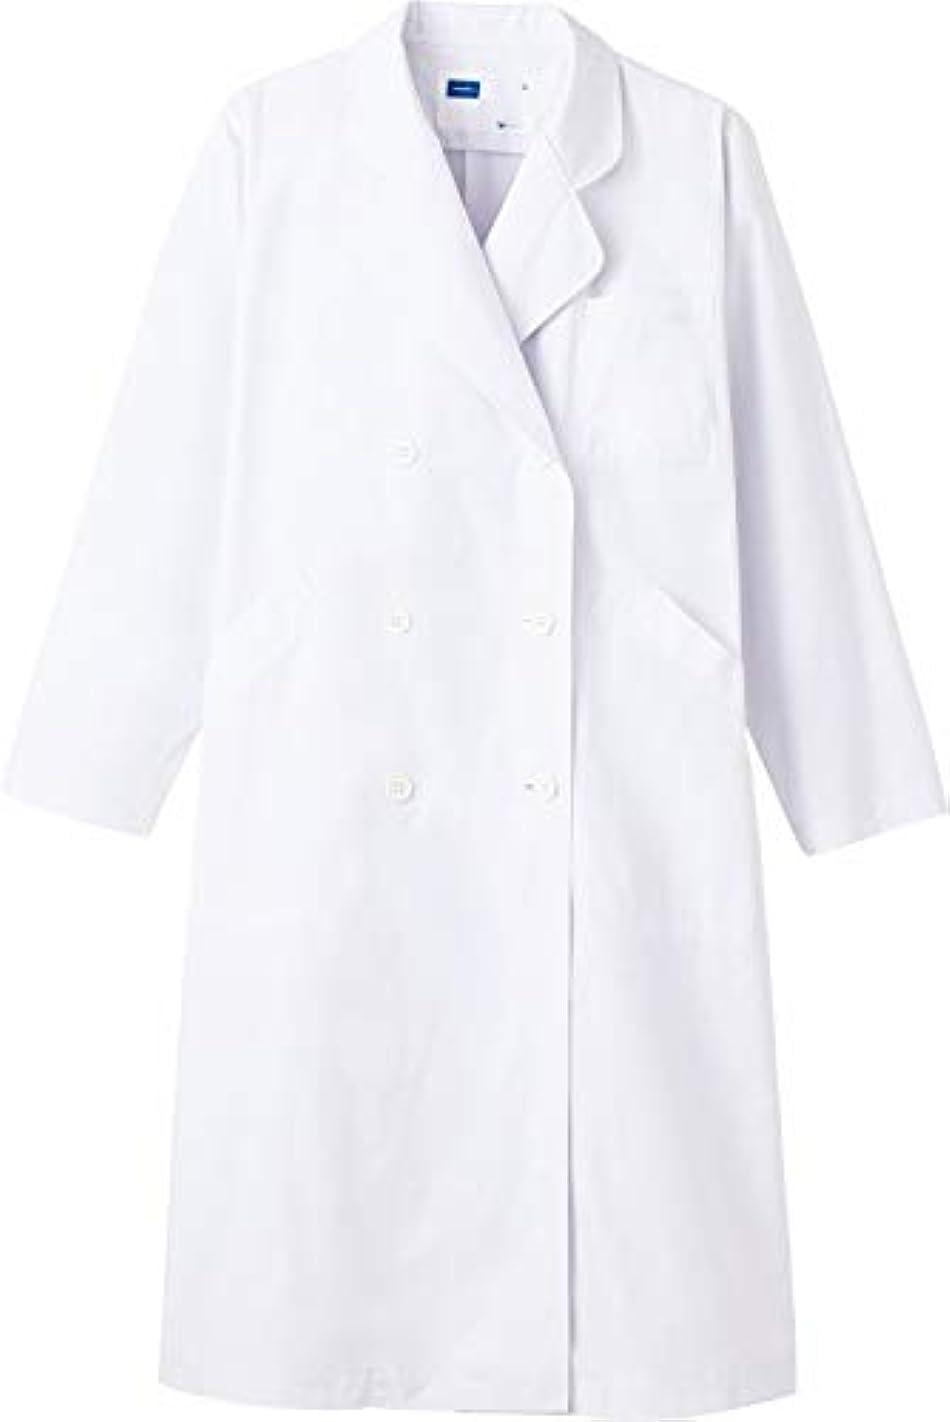 一酔ったハンバーガー白衣 ドクターコート レディース ダブル 白 LL WH2214